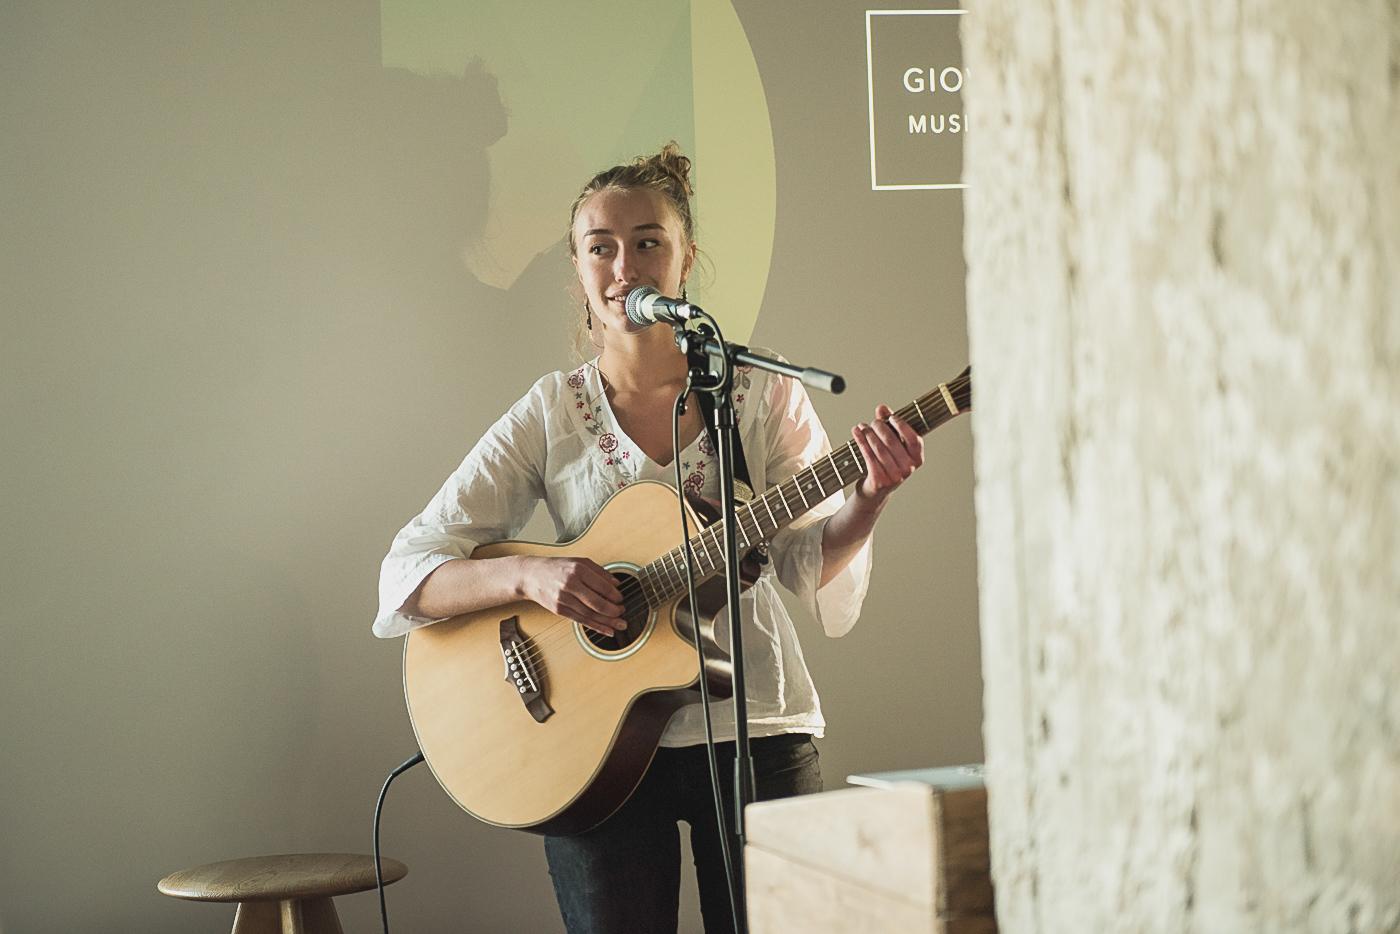 Giovanna Castronari